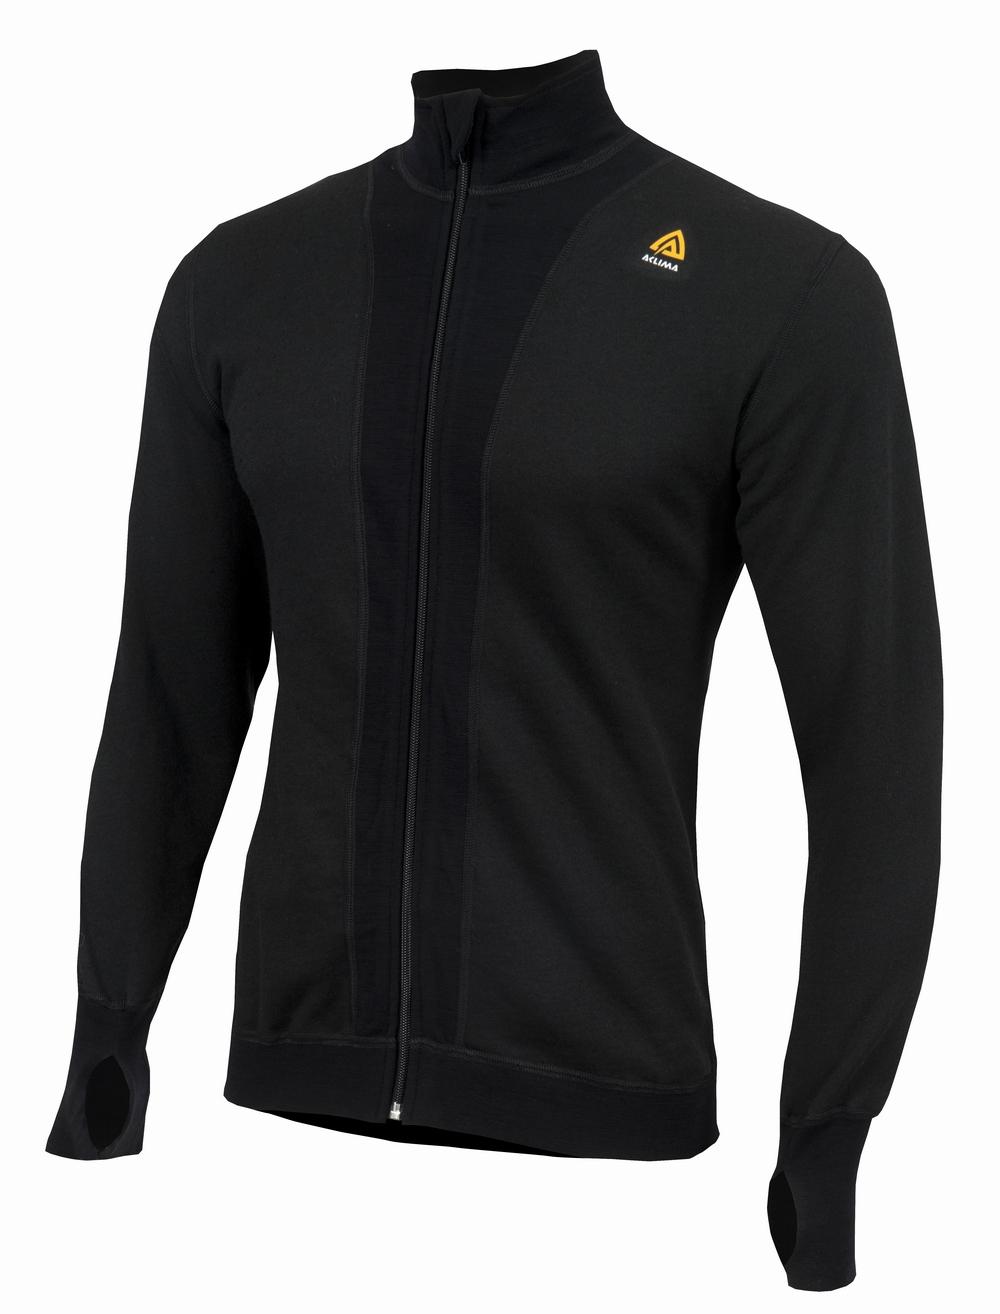 N/A Aclima hotwool jakke fra fiskegrej.dk